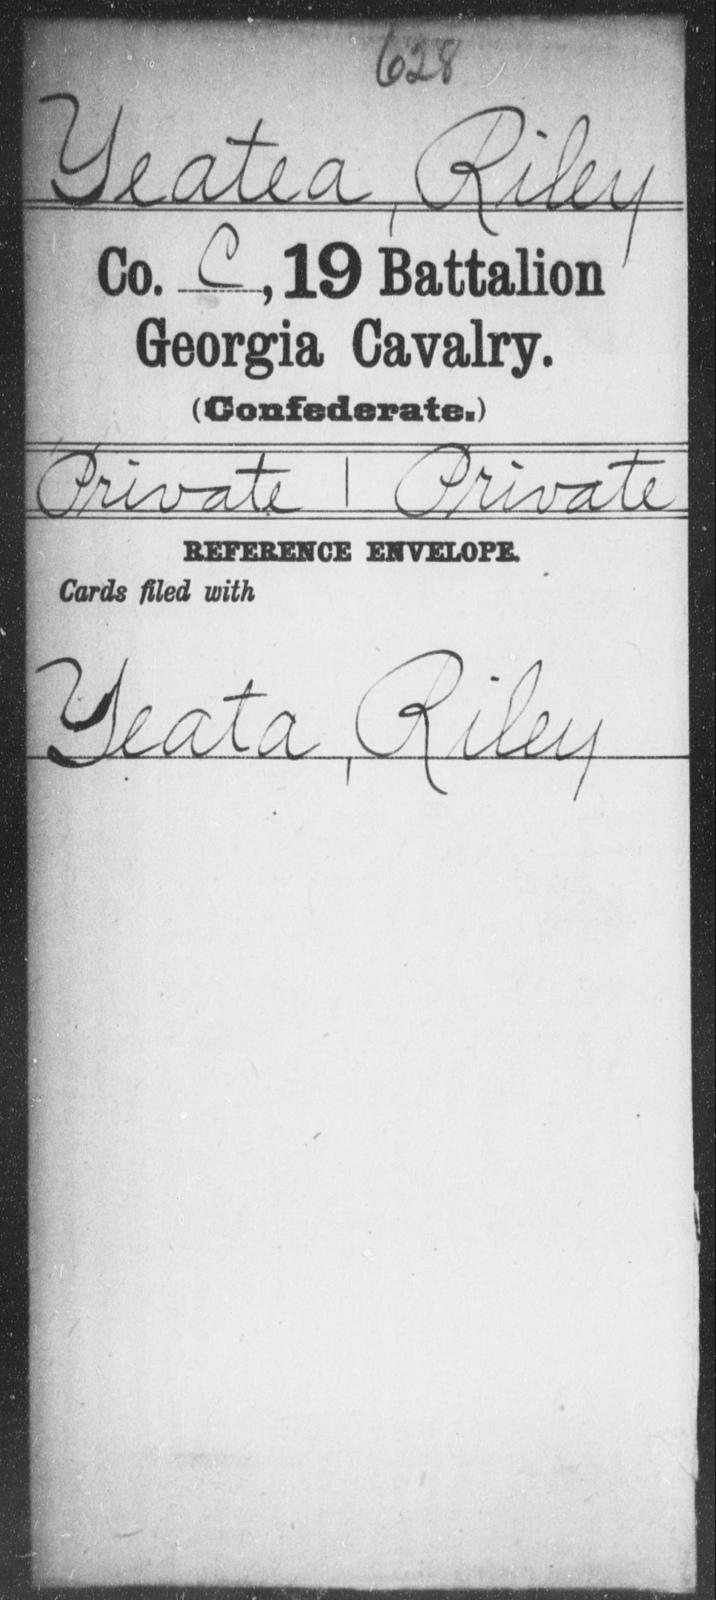 Yeatea, Riley - 19th Battalion, Cavalry